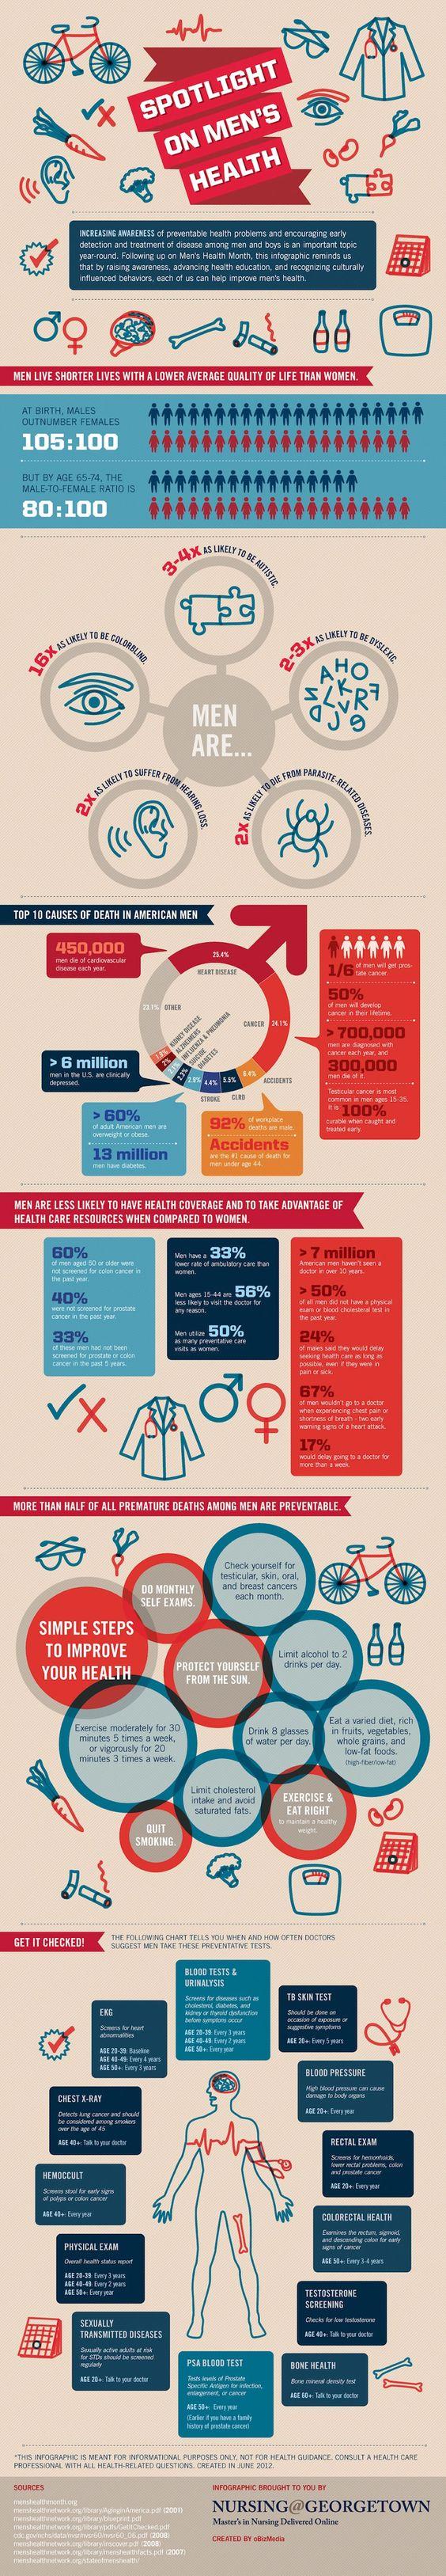 Infographic: Spotlight on Men's Health